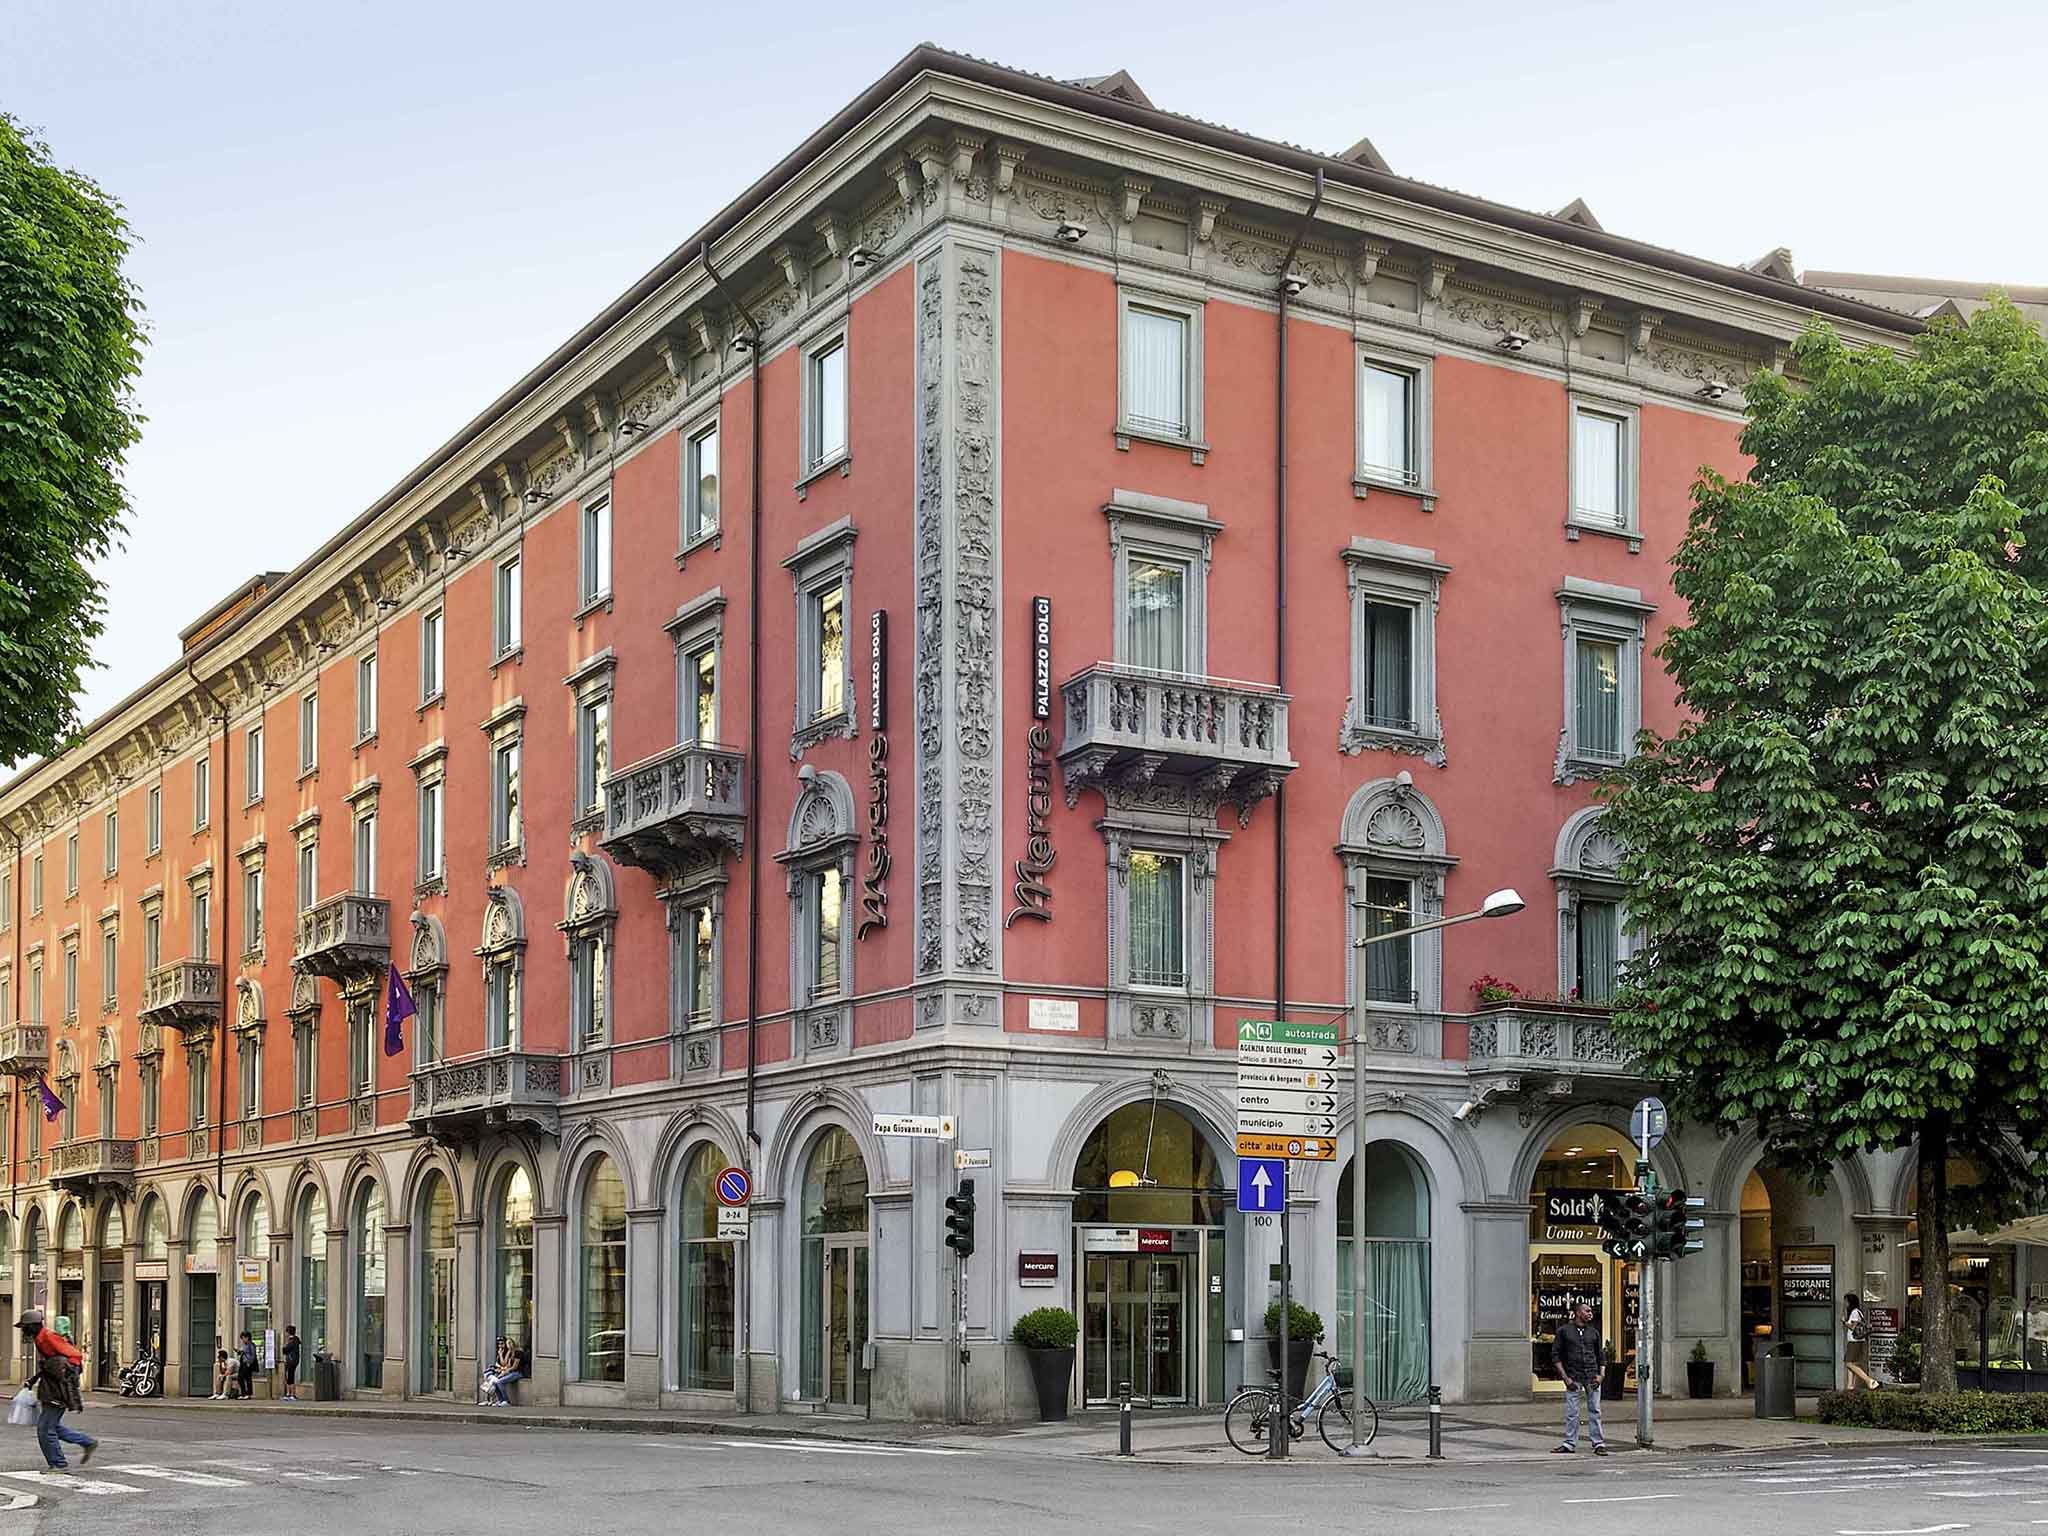 ansbach dating germany bergamo party single  BB Hotel Bergamo in Italy - Room Deals, Photos Reviews - Agoda.